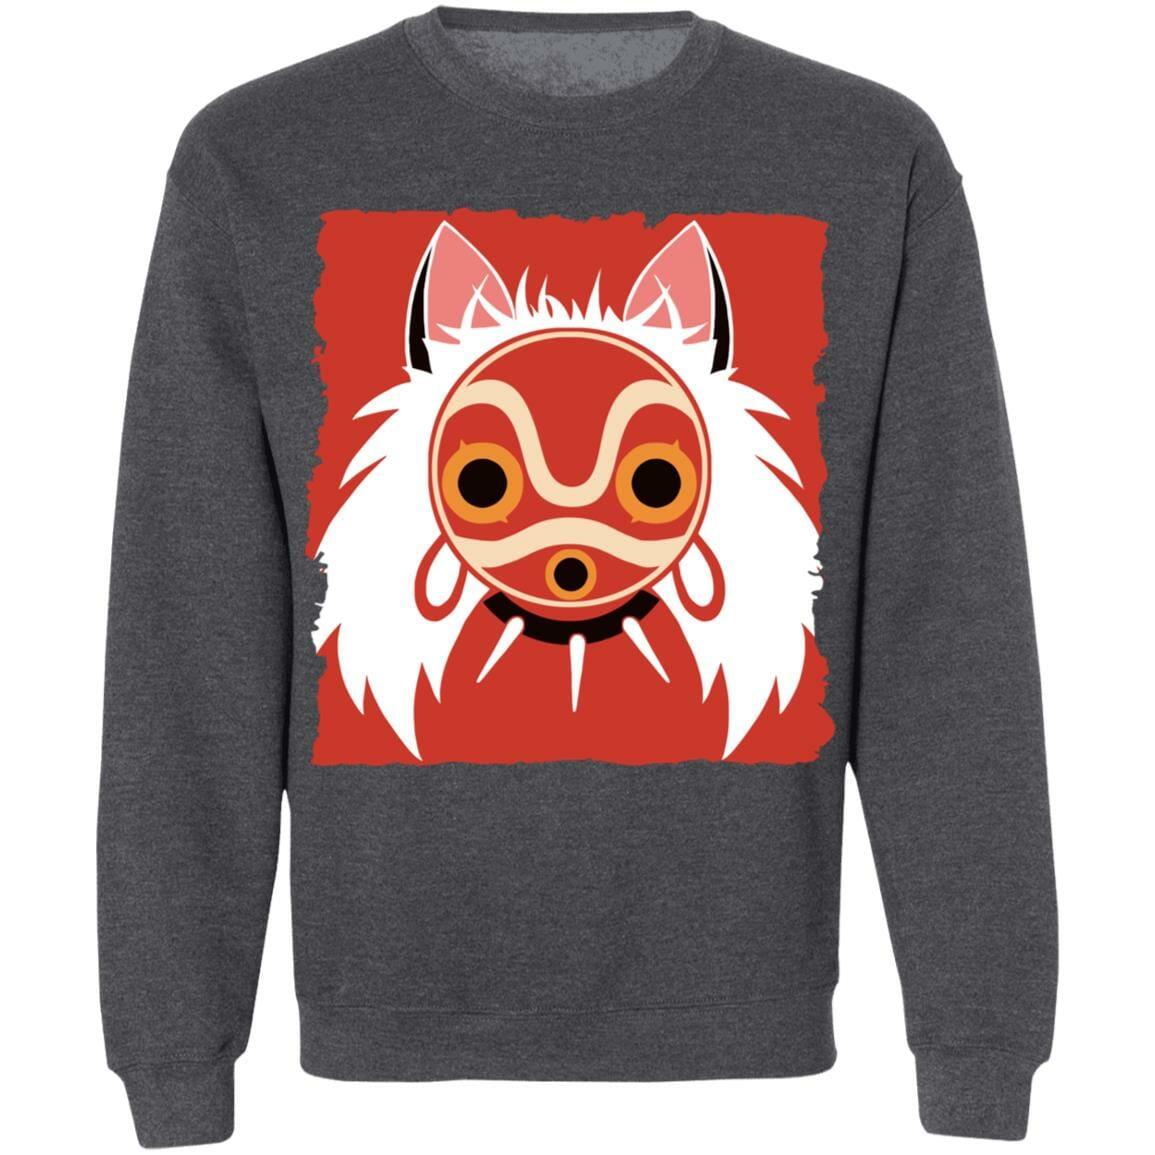 Princess Mononoke Mask Classic Sweatshirt